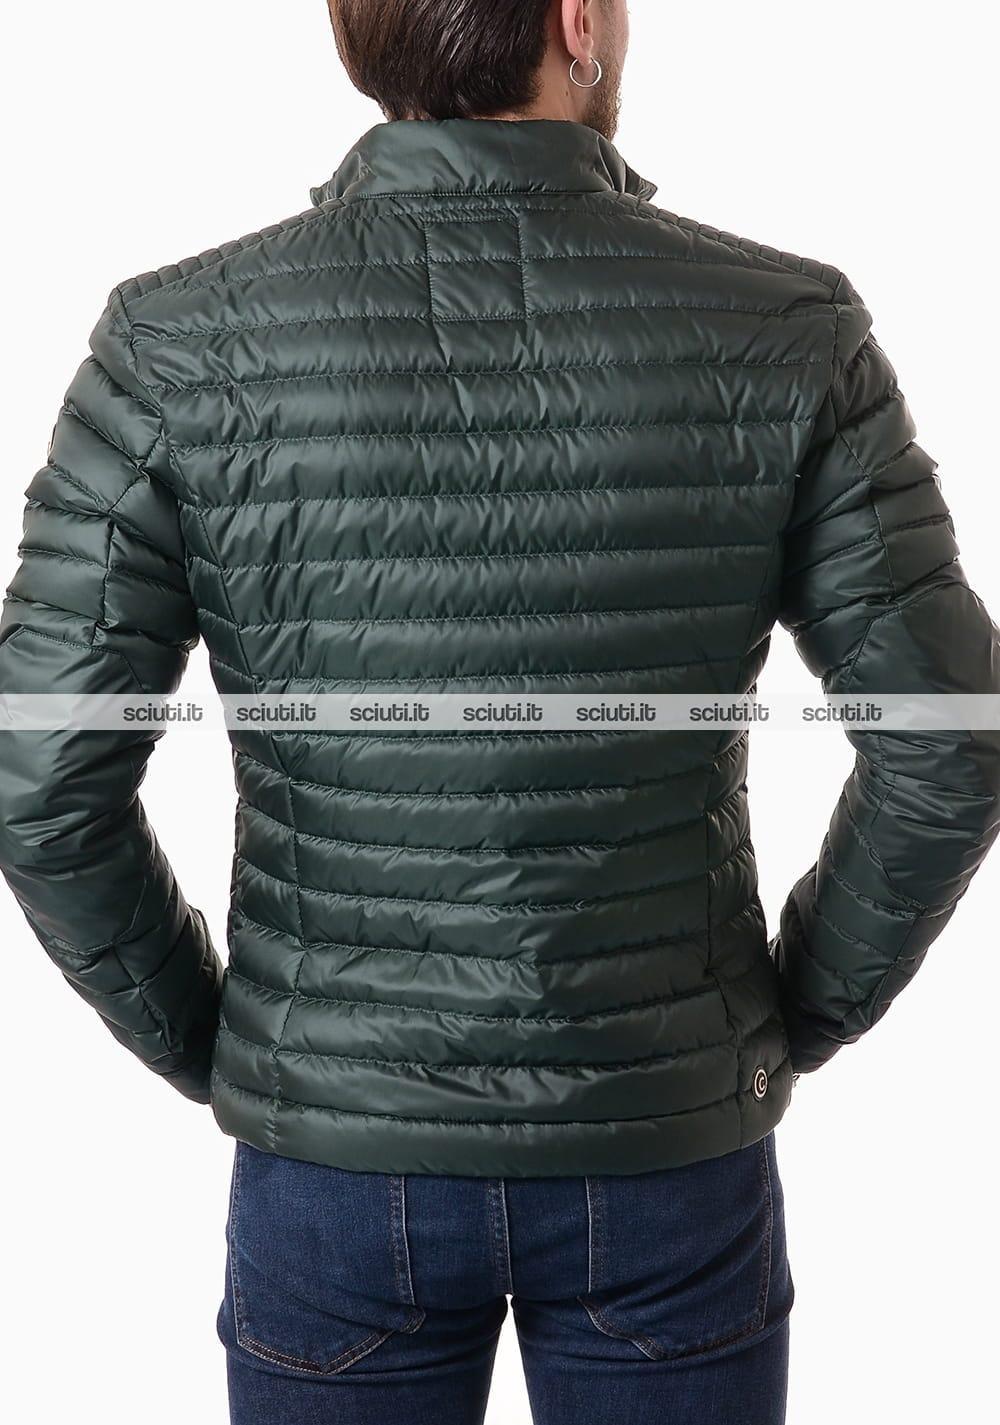 factory price 90061 c5896 Piumino Colmar uomo leggero modello biker senza cappuccio verde scuro